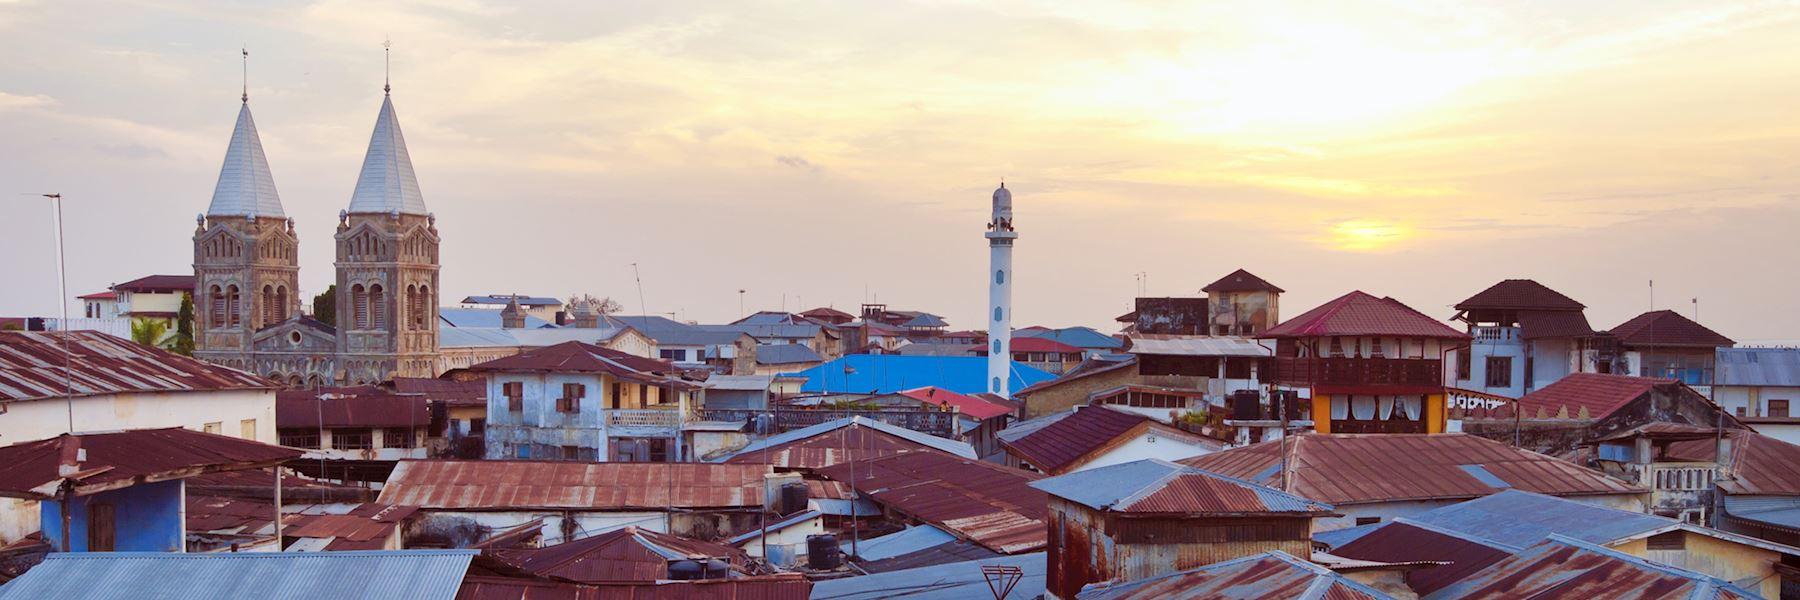 Zanzibar Archipelago trip ideas